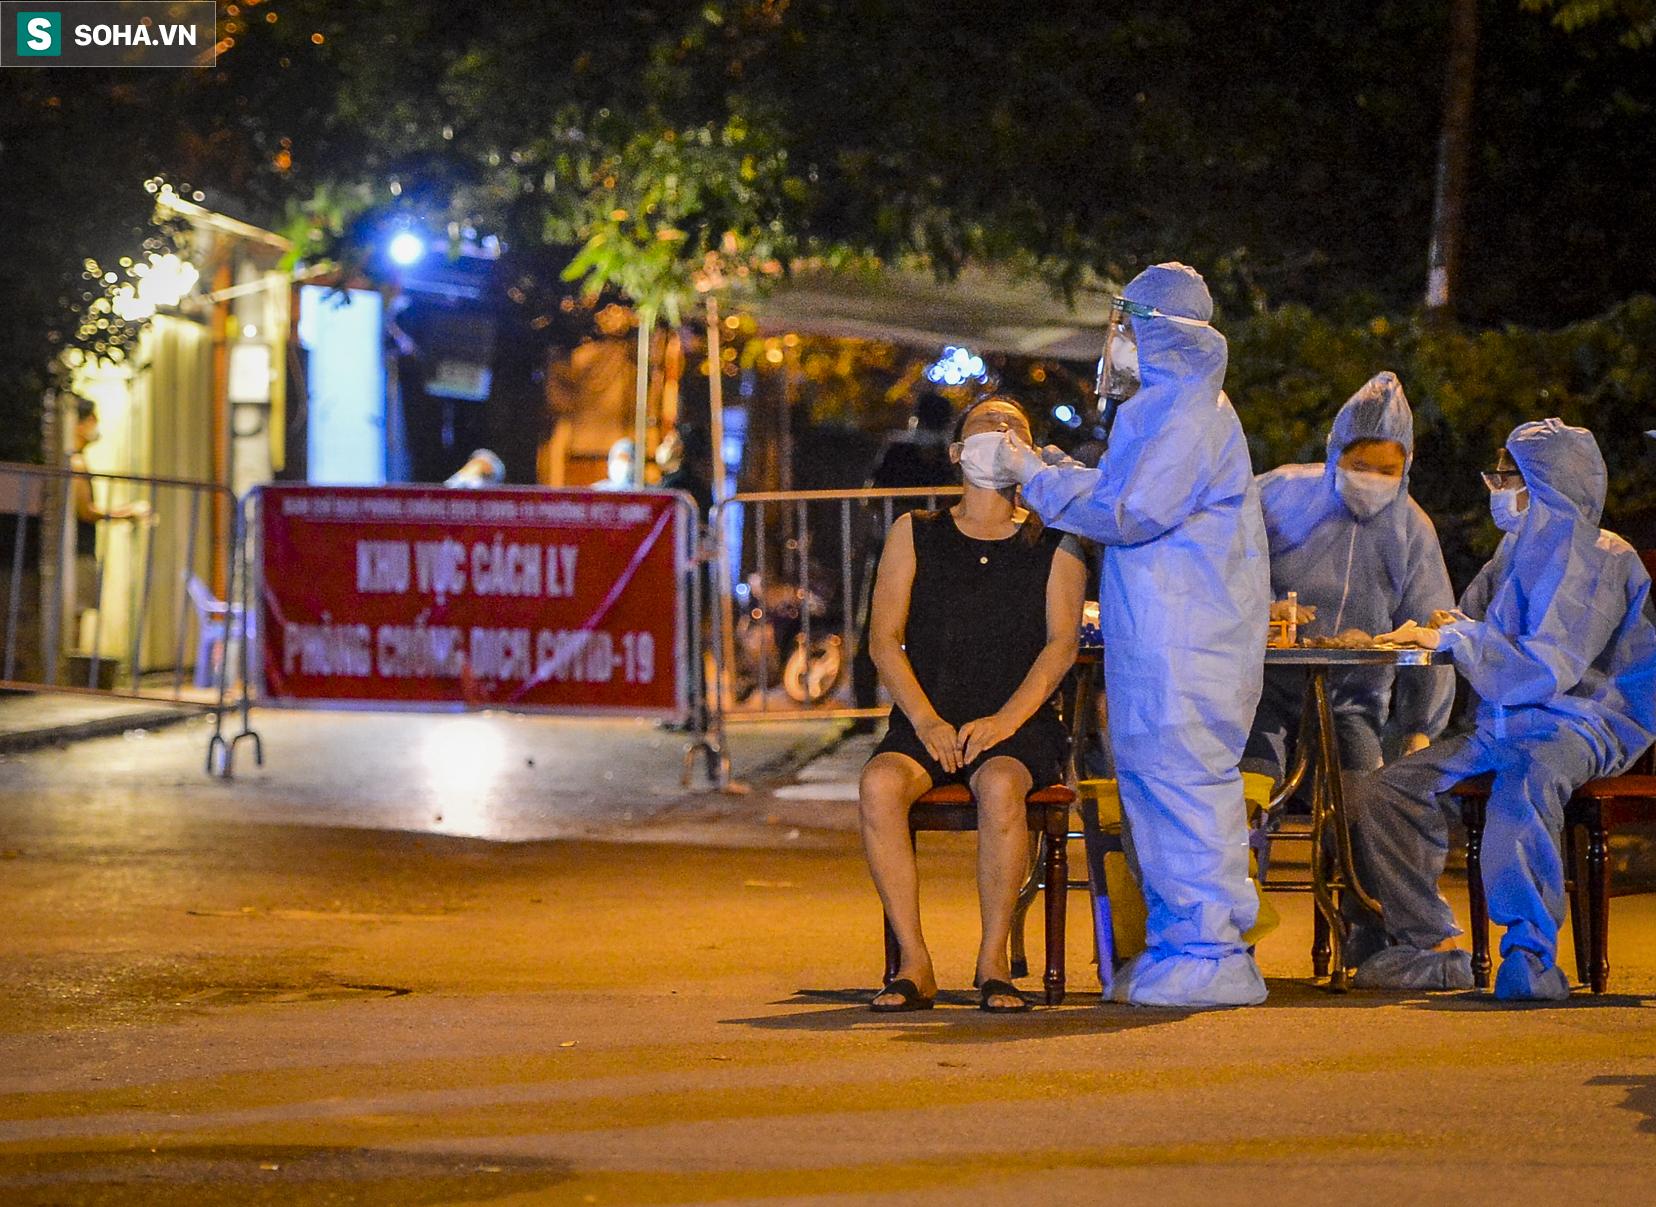 Hà Nội: Phát hiện 9 người dương tính SARS-CoV-2, lập tức lấy 5000 mẫu xét nghiệm trong đêm - Ảnh 2.